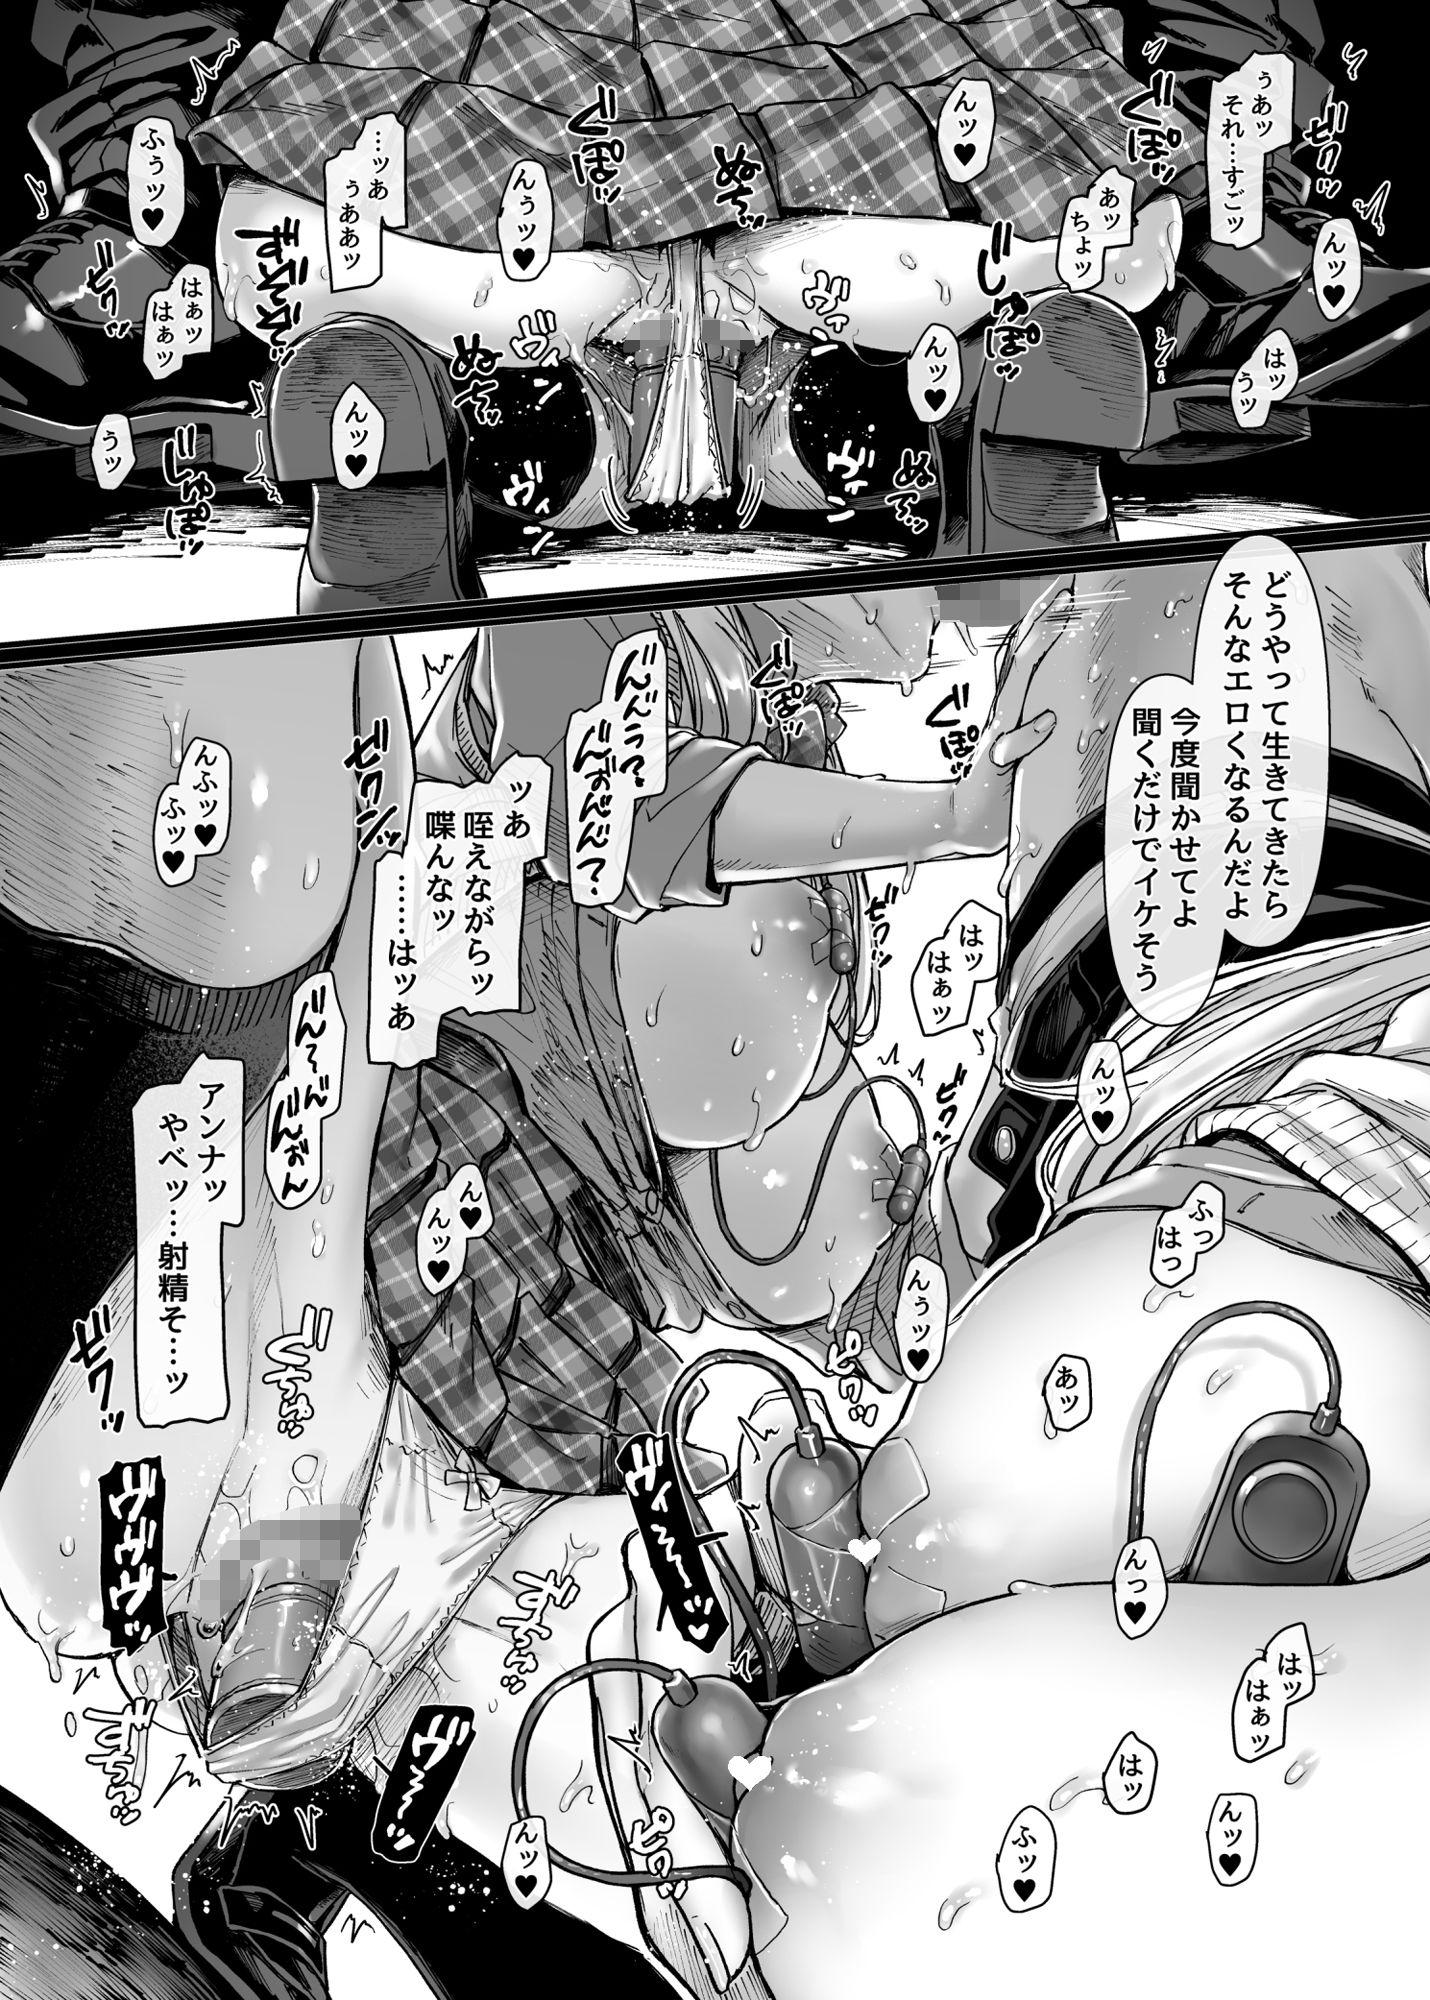 【エロ漫画無料大全集】【ヨールキ・パールキ エロ漫画】世界の終わりにショッピングモールに逃げ込んだ6人の女の子と自暴自棄男子 ヤケクソいちゃらぶセックス三昧!?